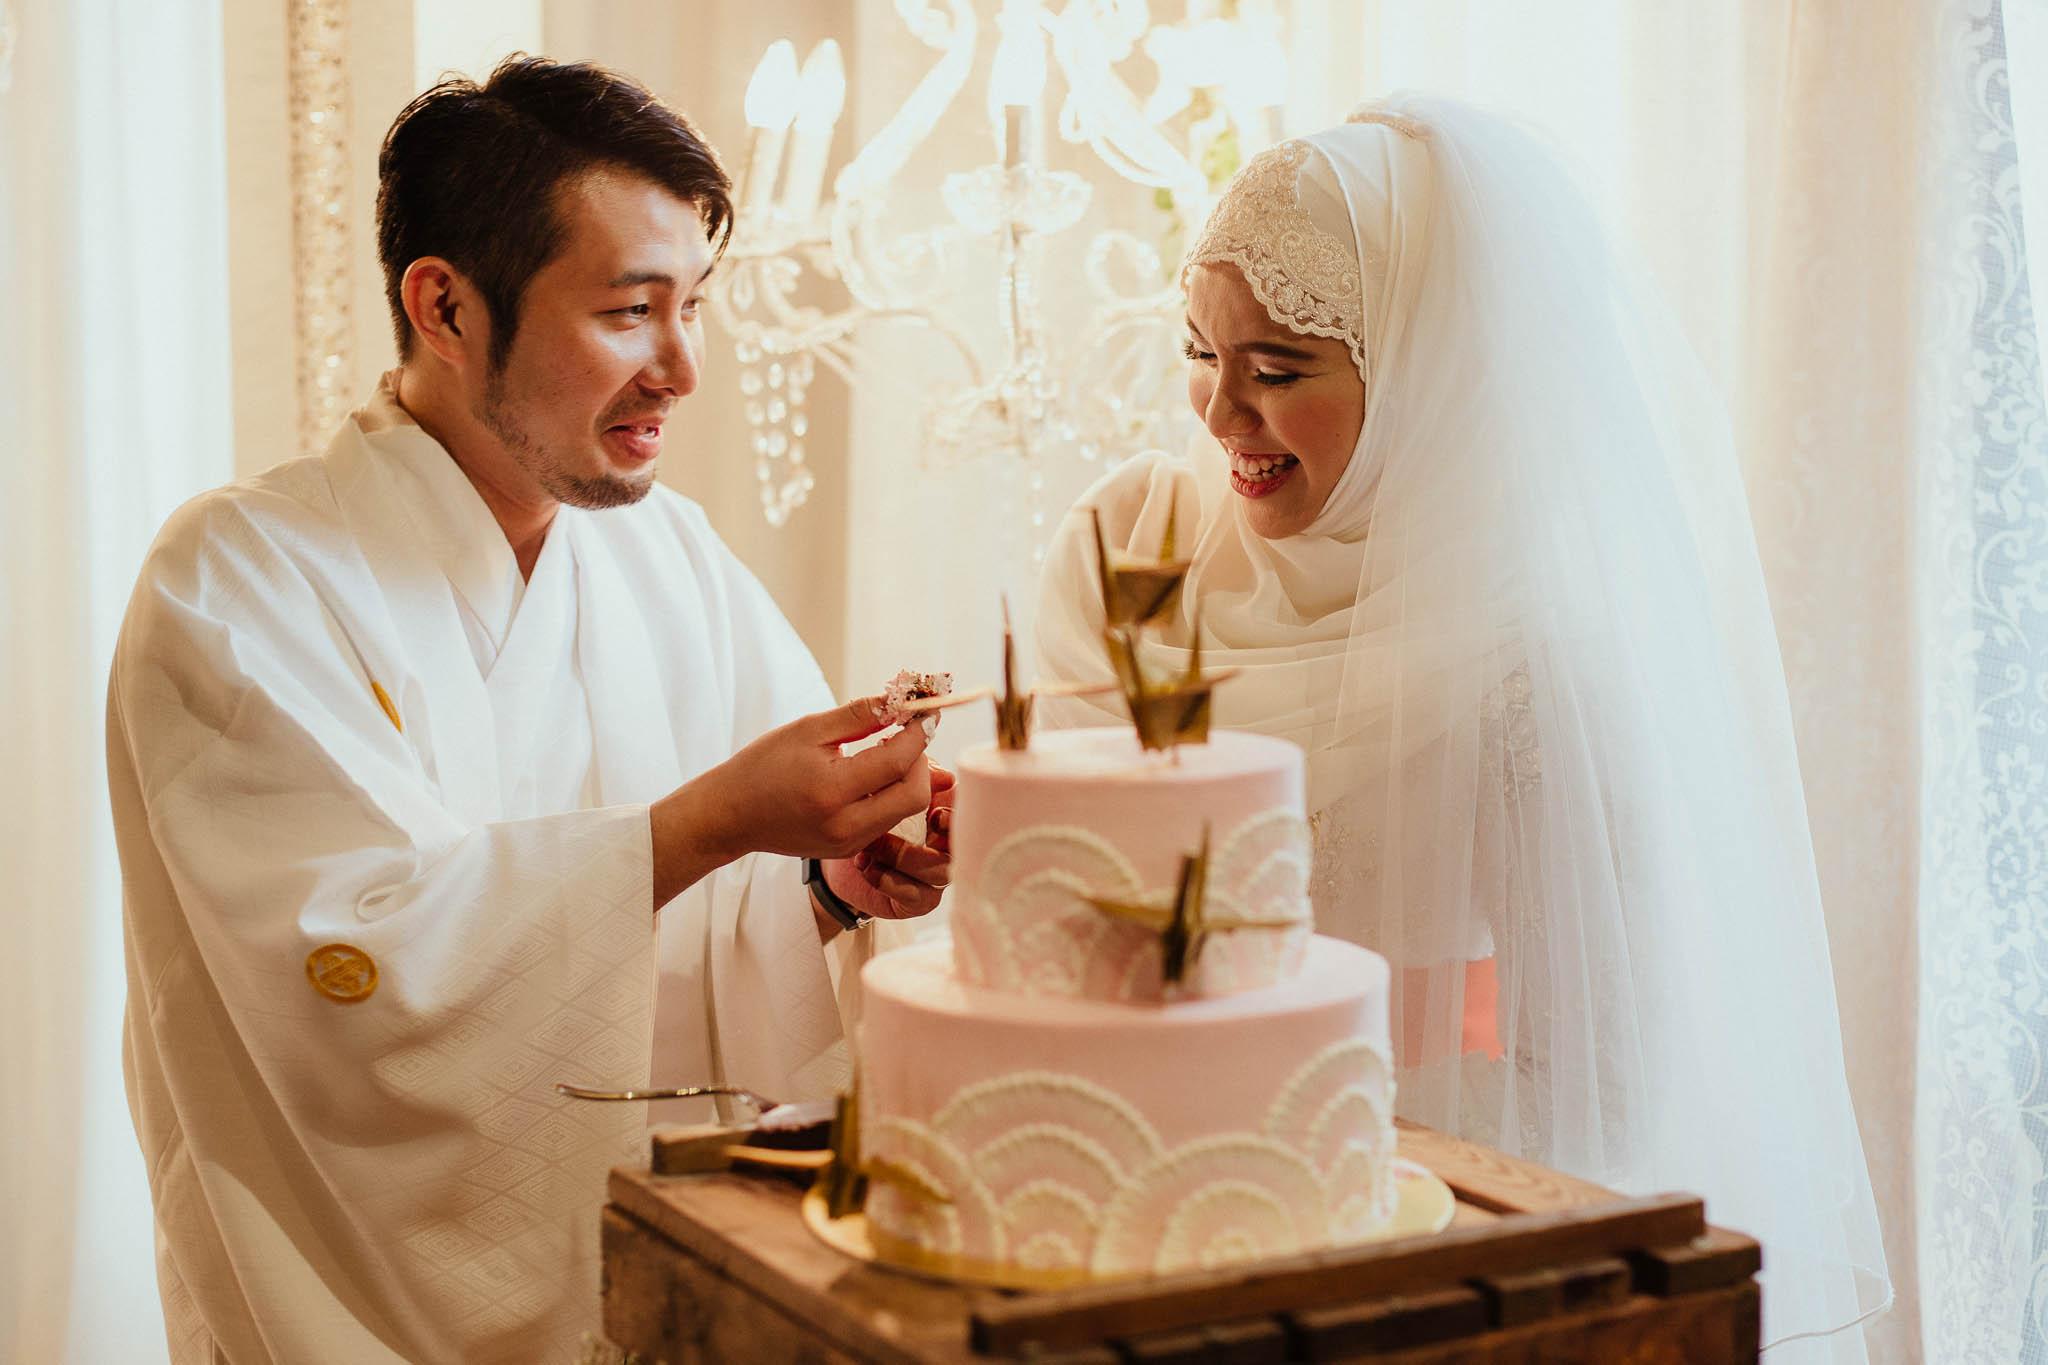 singapore-wedding-photographer-travel-wemadethese-atara-hafizah-60.jpg